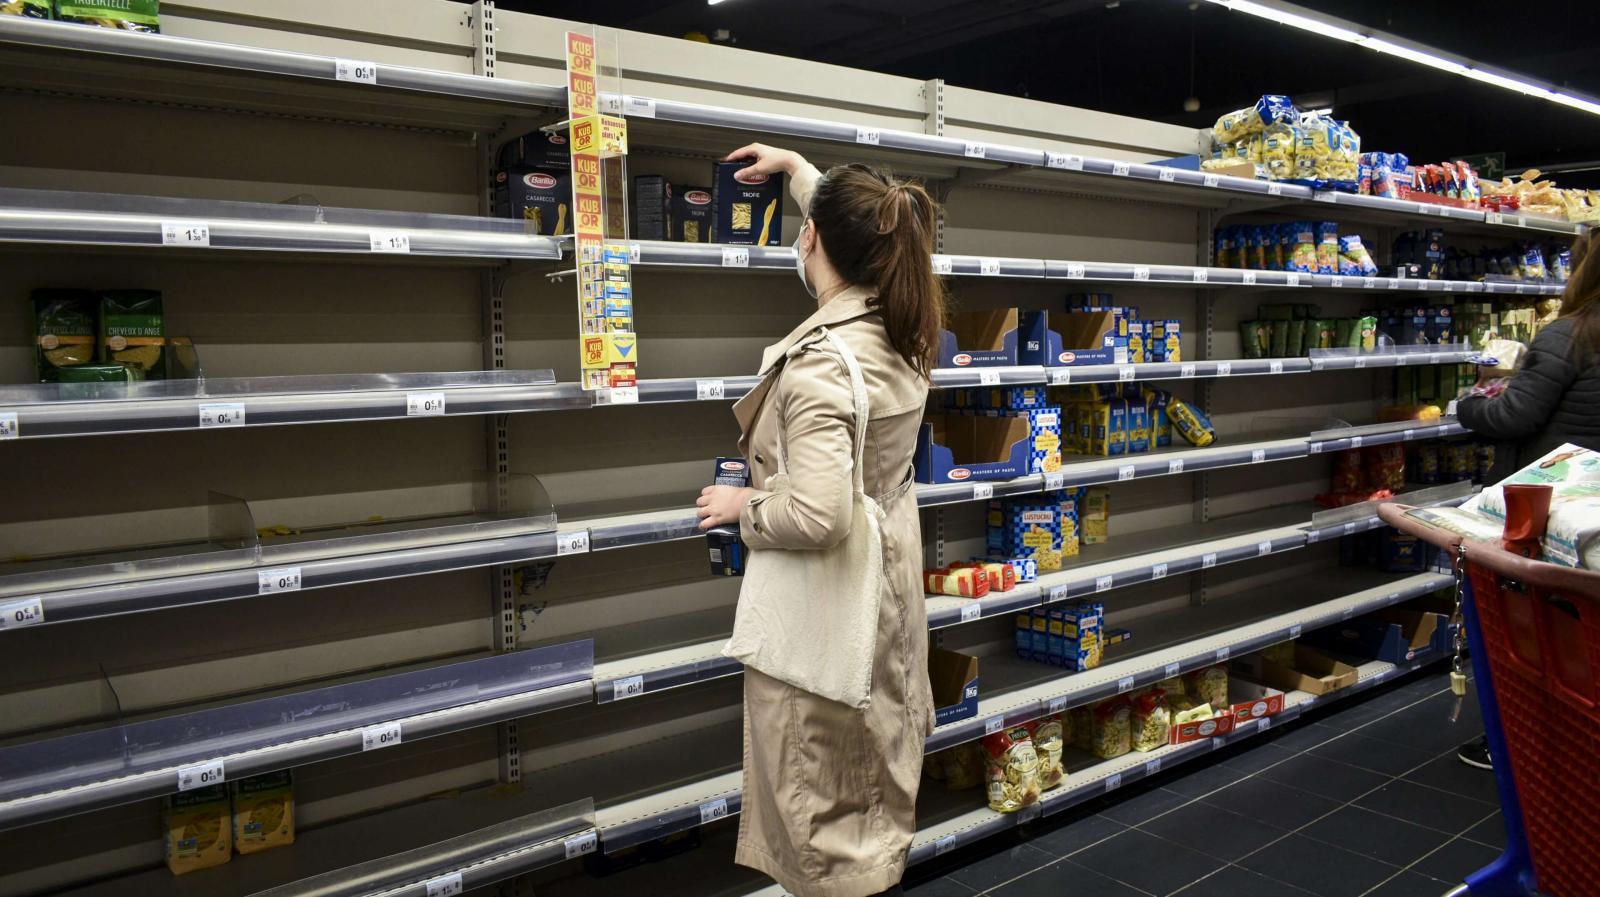 Информацию о дефиците сахара в магазинах опровергли власти Брянска